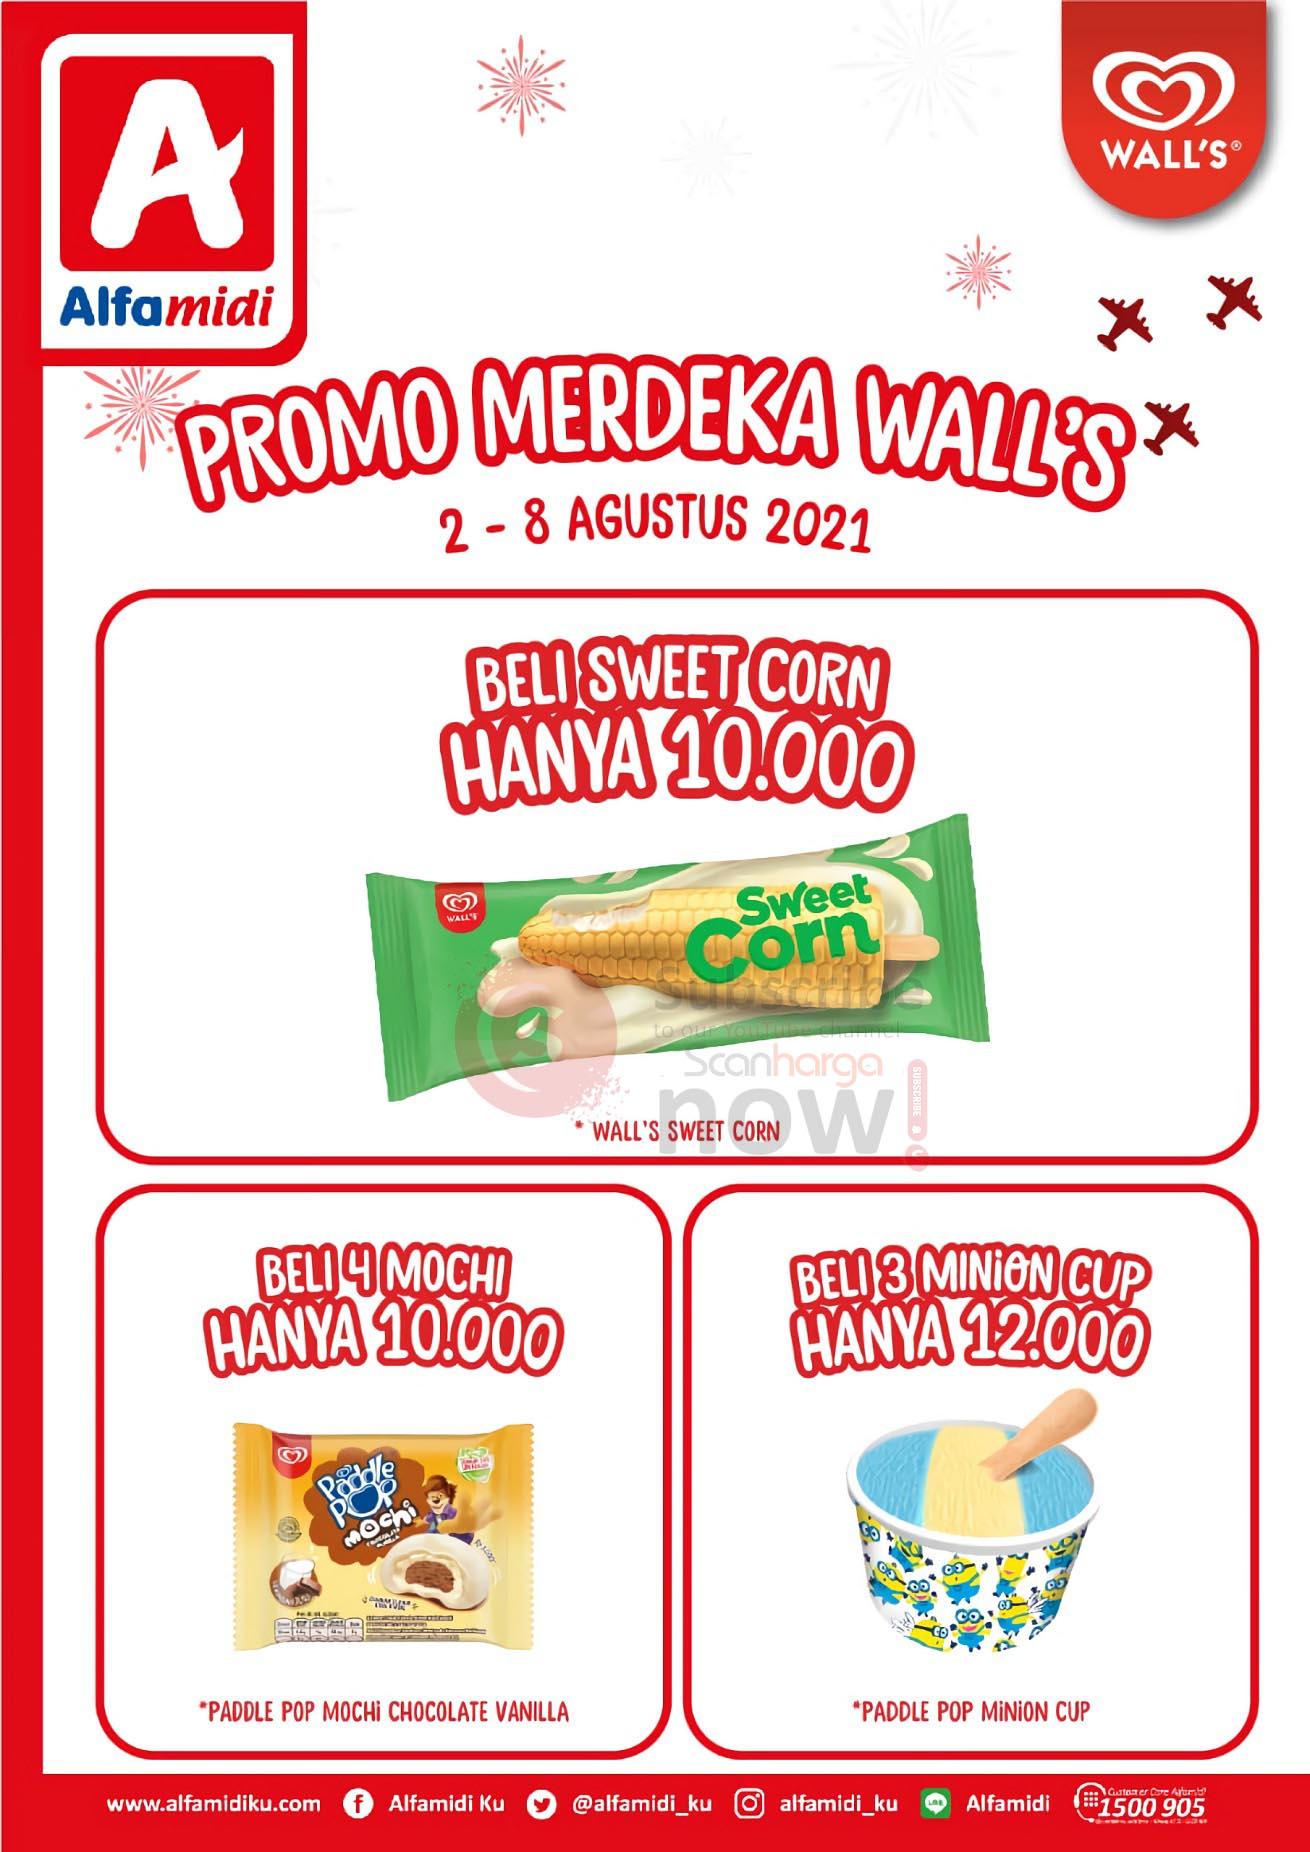 ALFAMIDI Promo MERDEKA WALL'S - Beli 1 Gratis 1 1